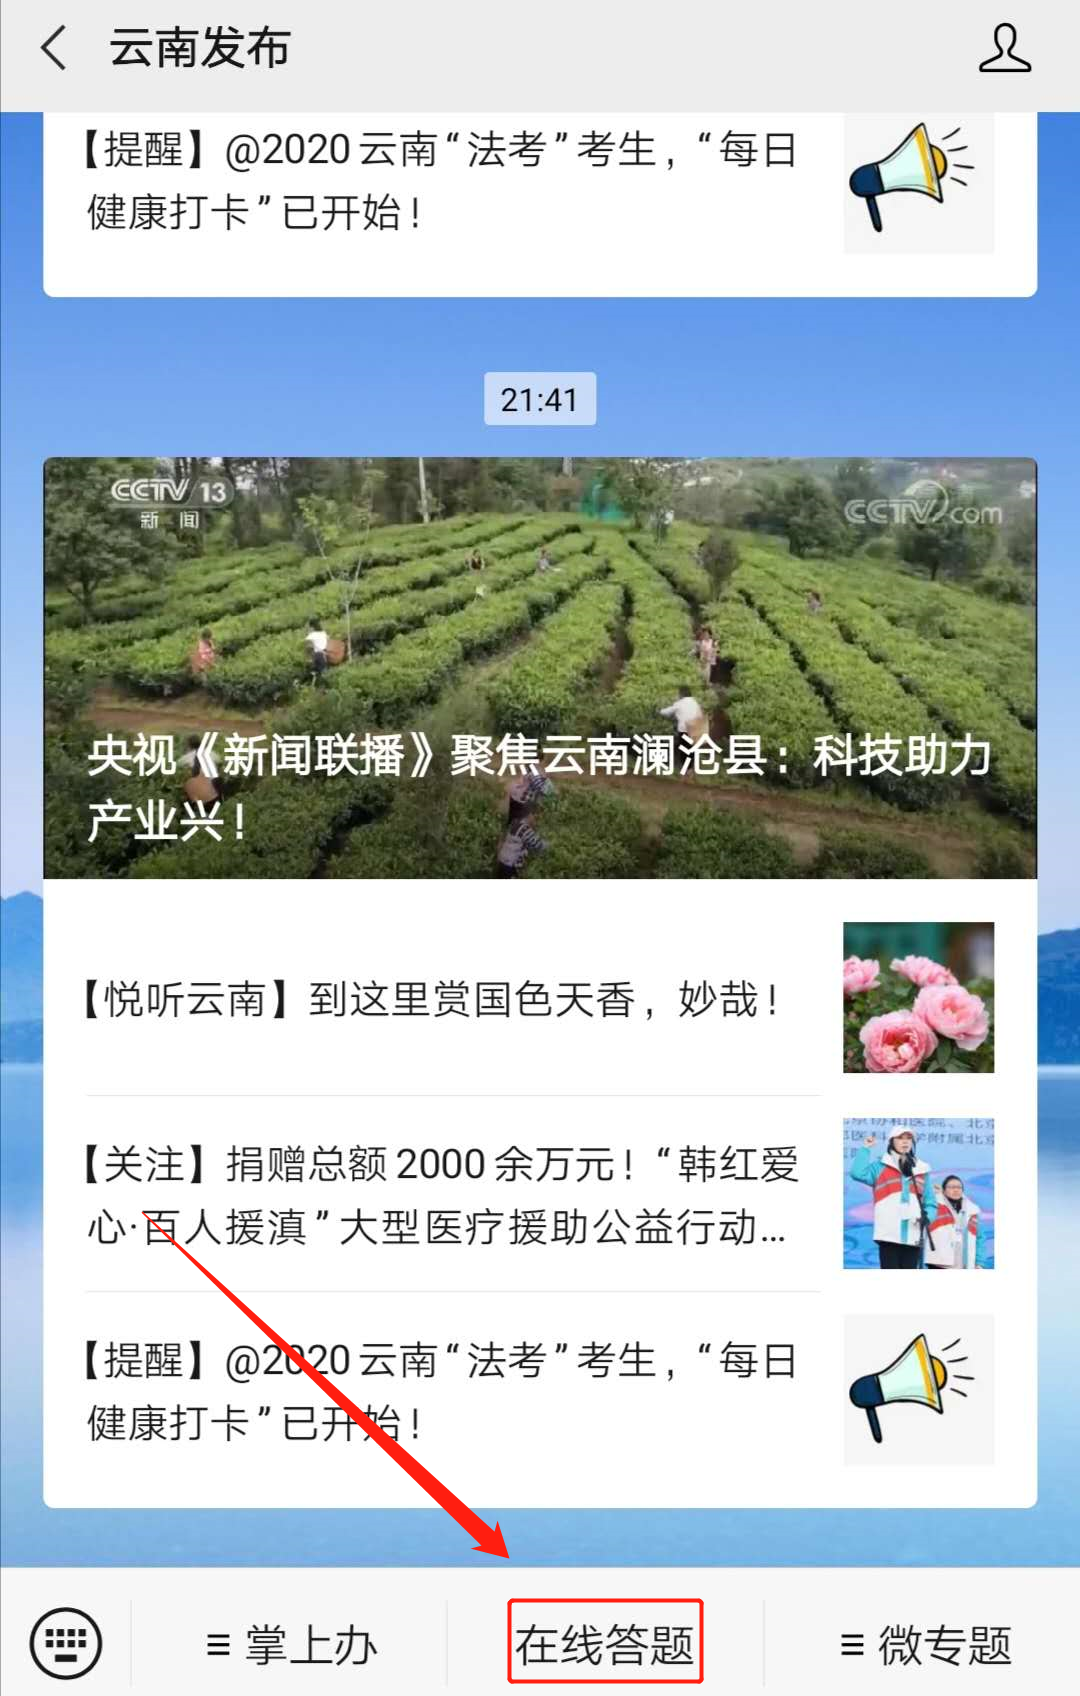 云南所有贫困县实现脱贫摘帽!今天这个好消息登上央视《新闻联播》